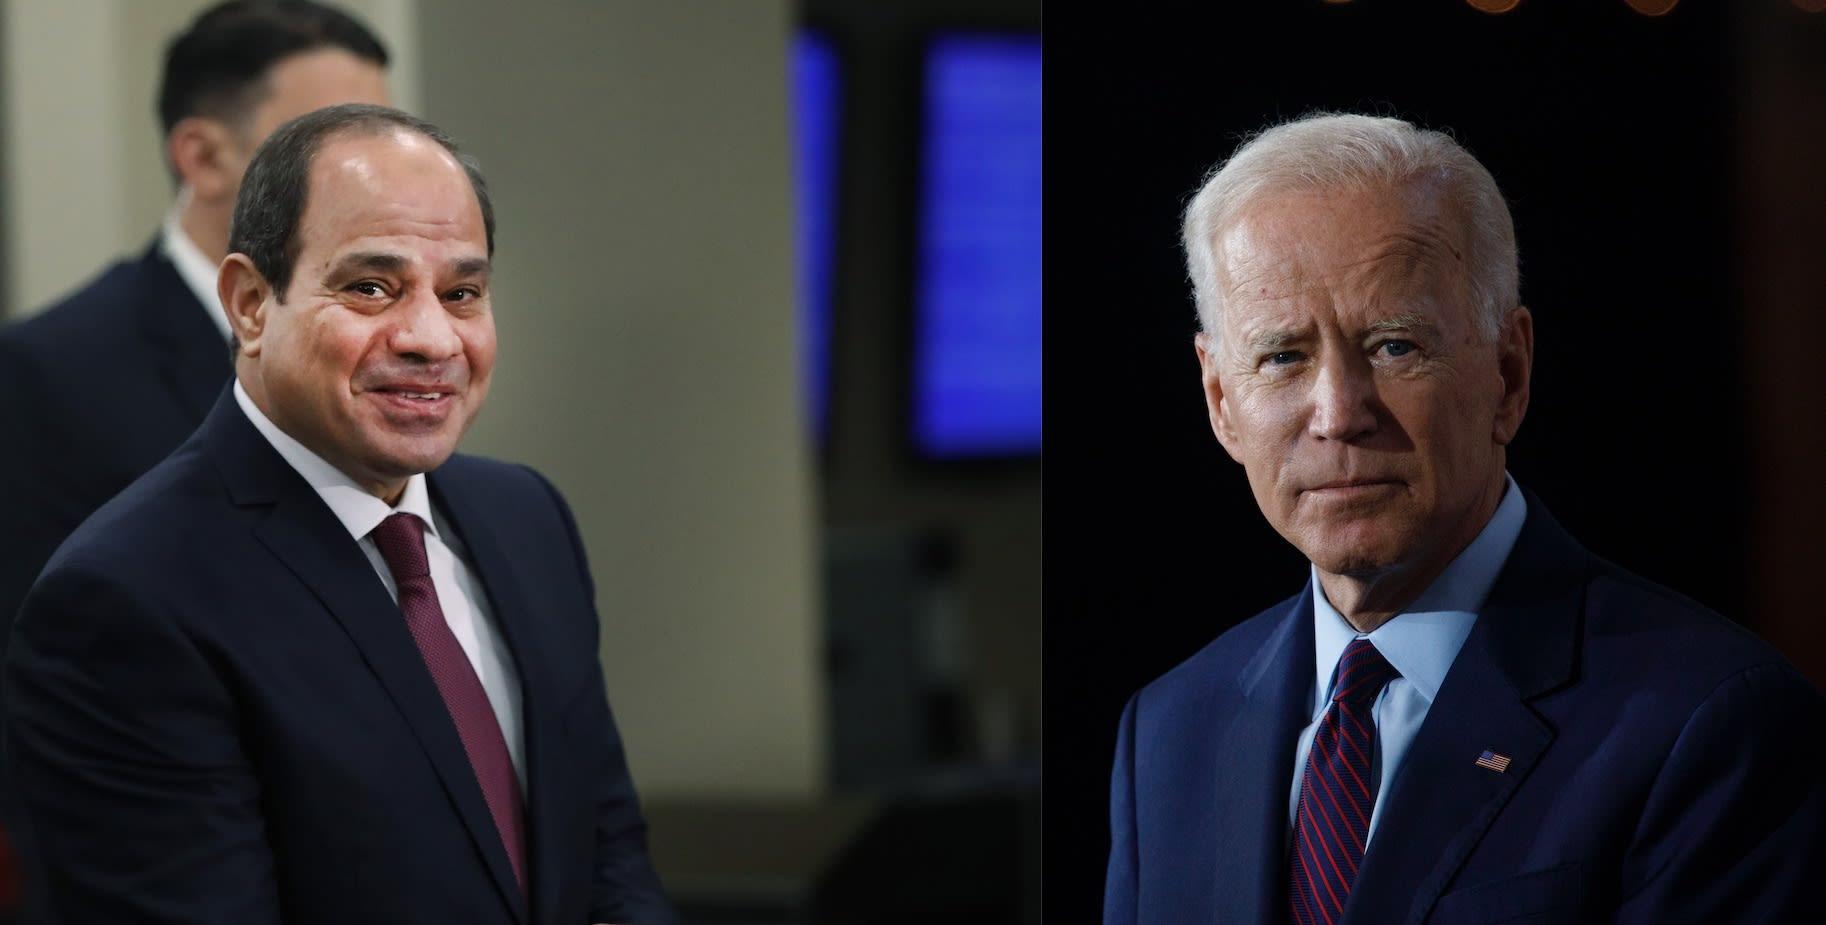 الرئيس الأمريكي جو بايدن من اليمين والرئيس المصري عبدالفتاح السيسي في اليسار